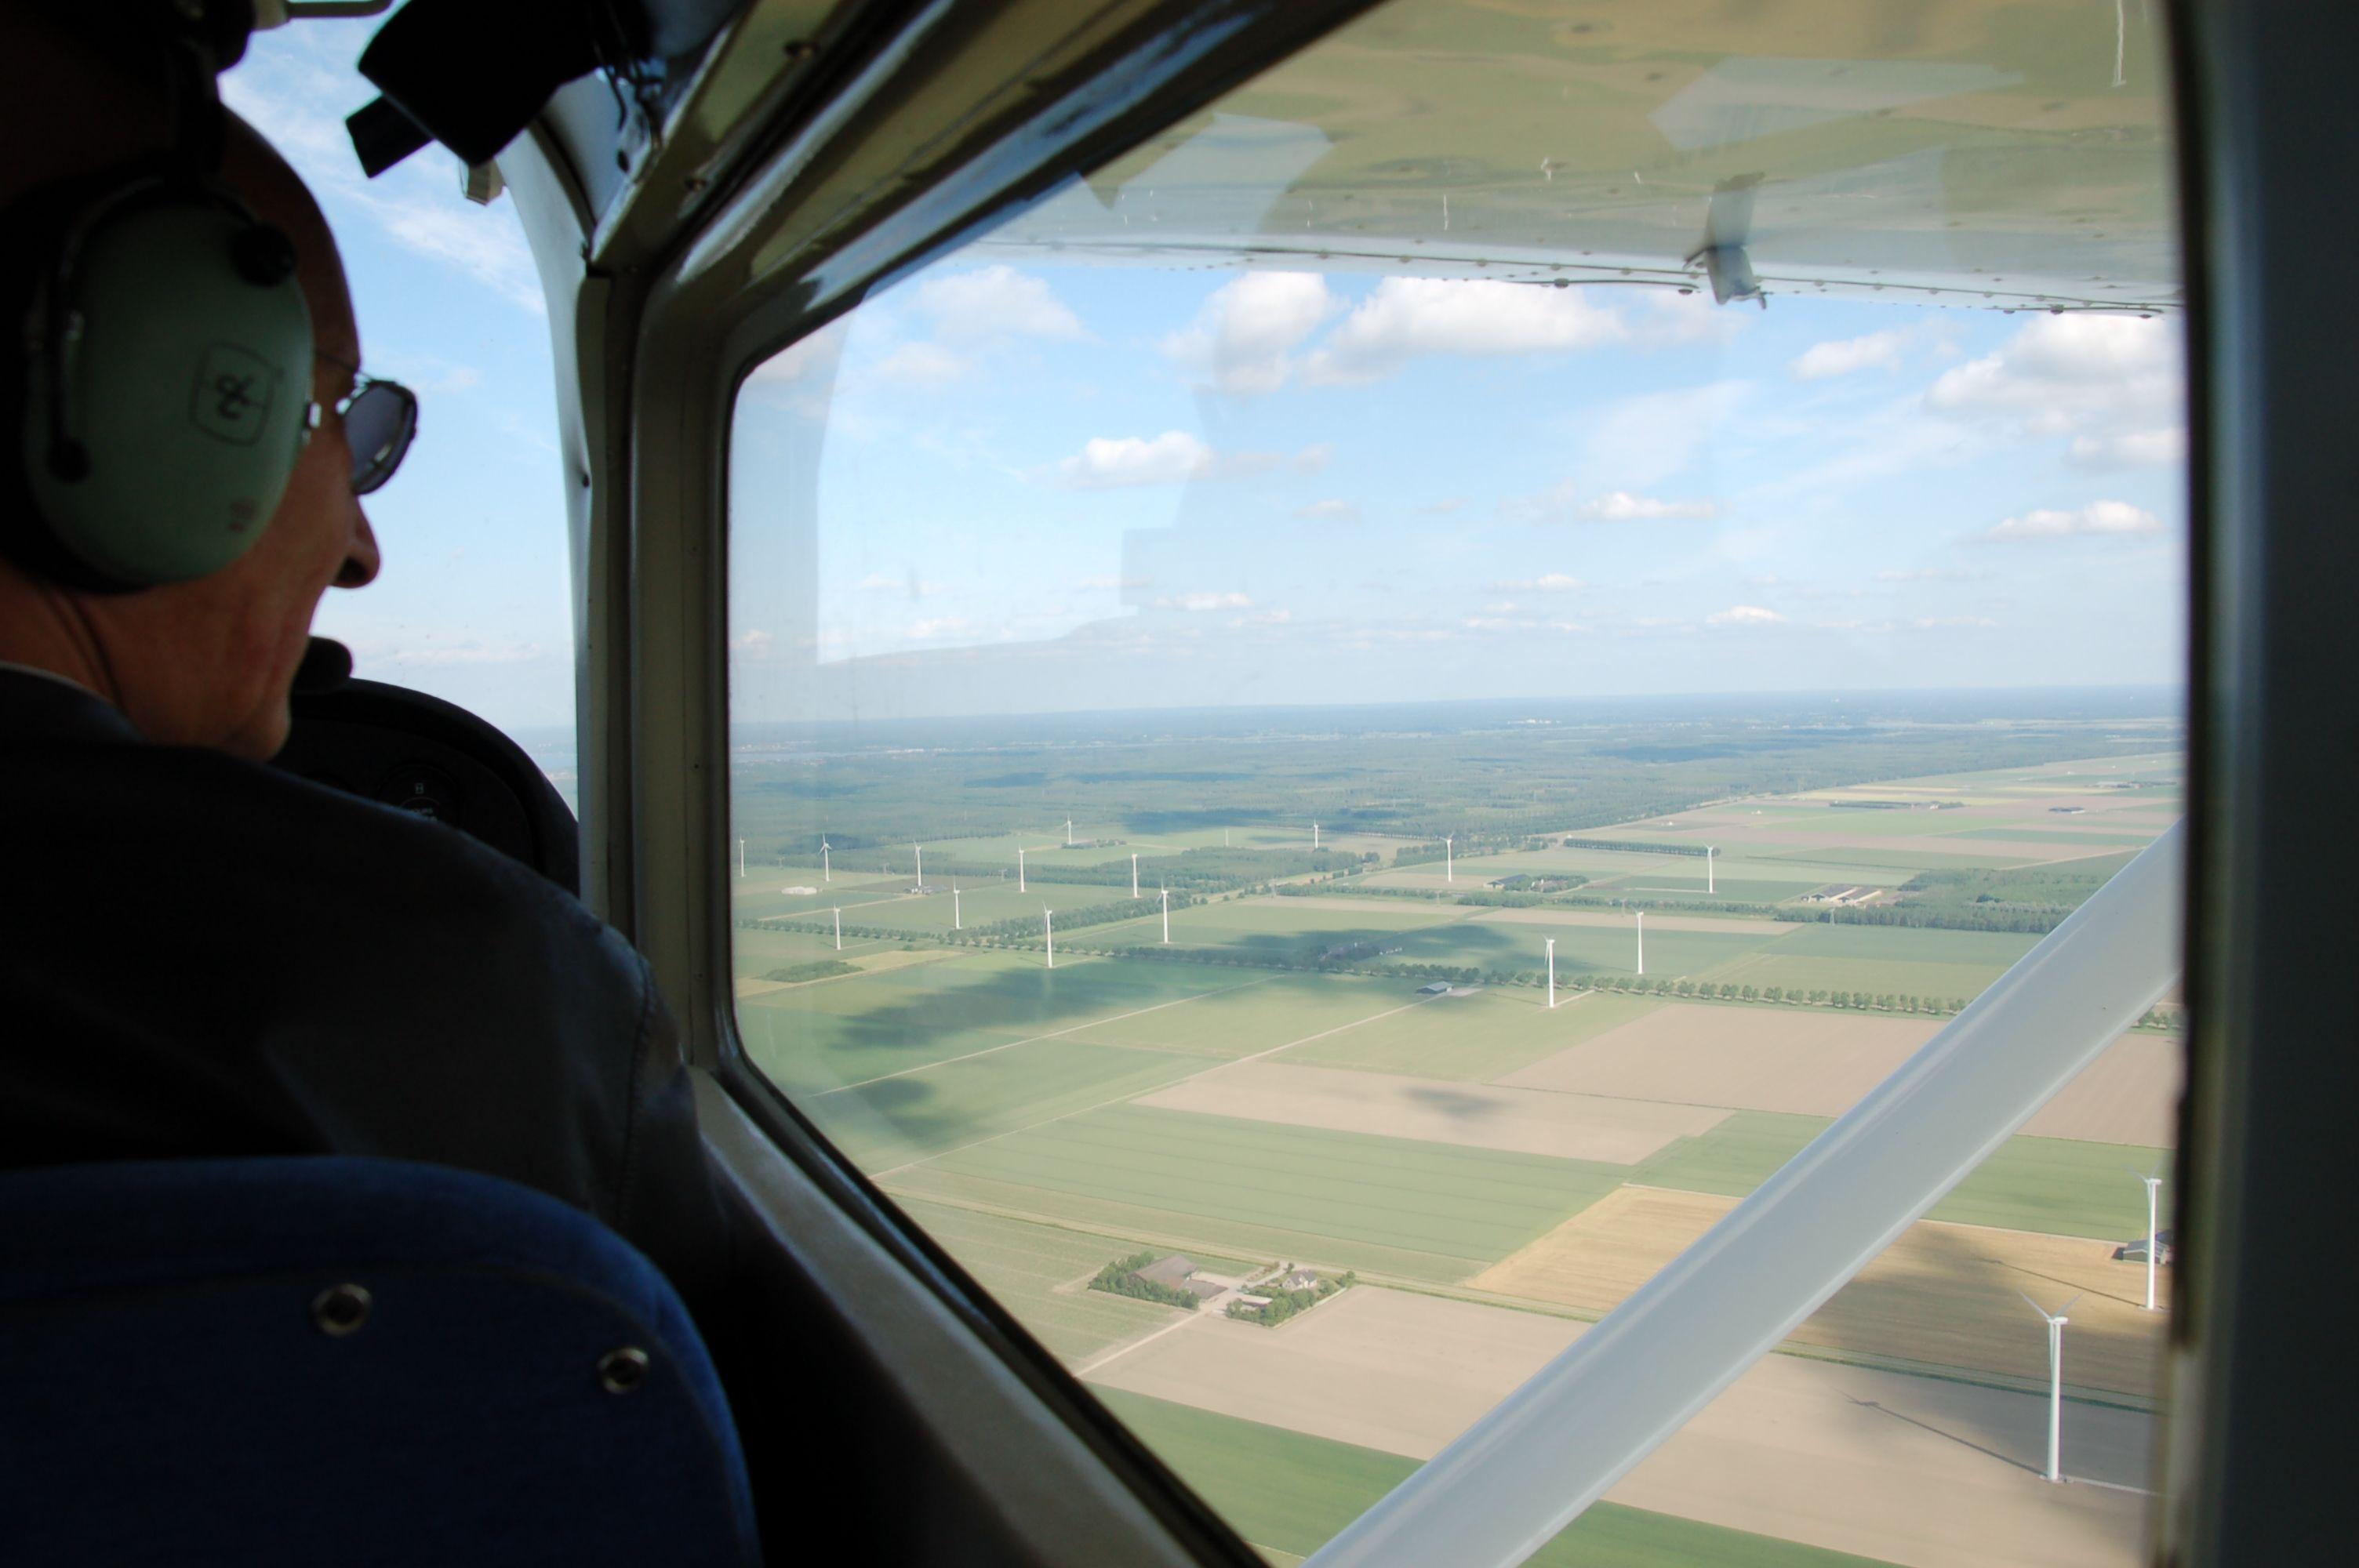 If onyl we were pilots: Sylvain de Haas in seinem Cockpit